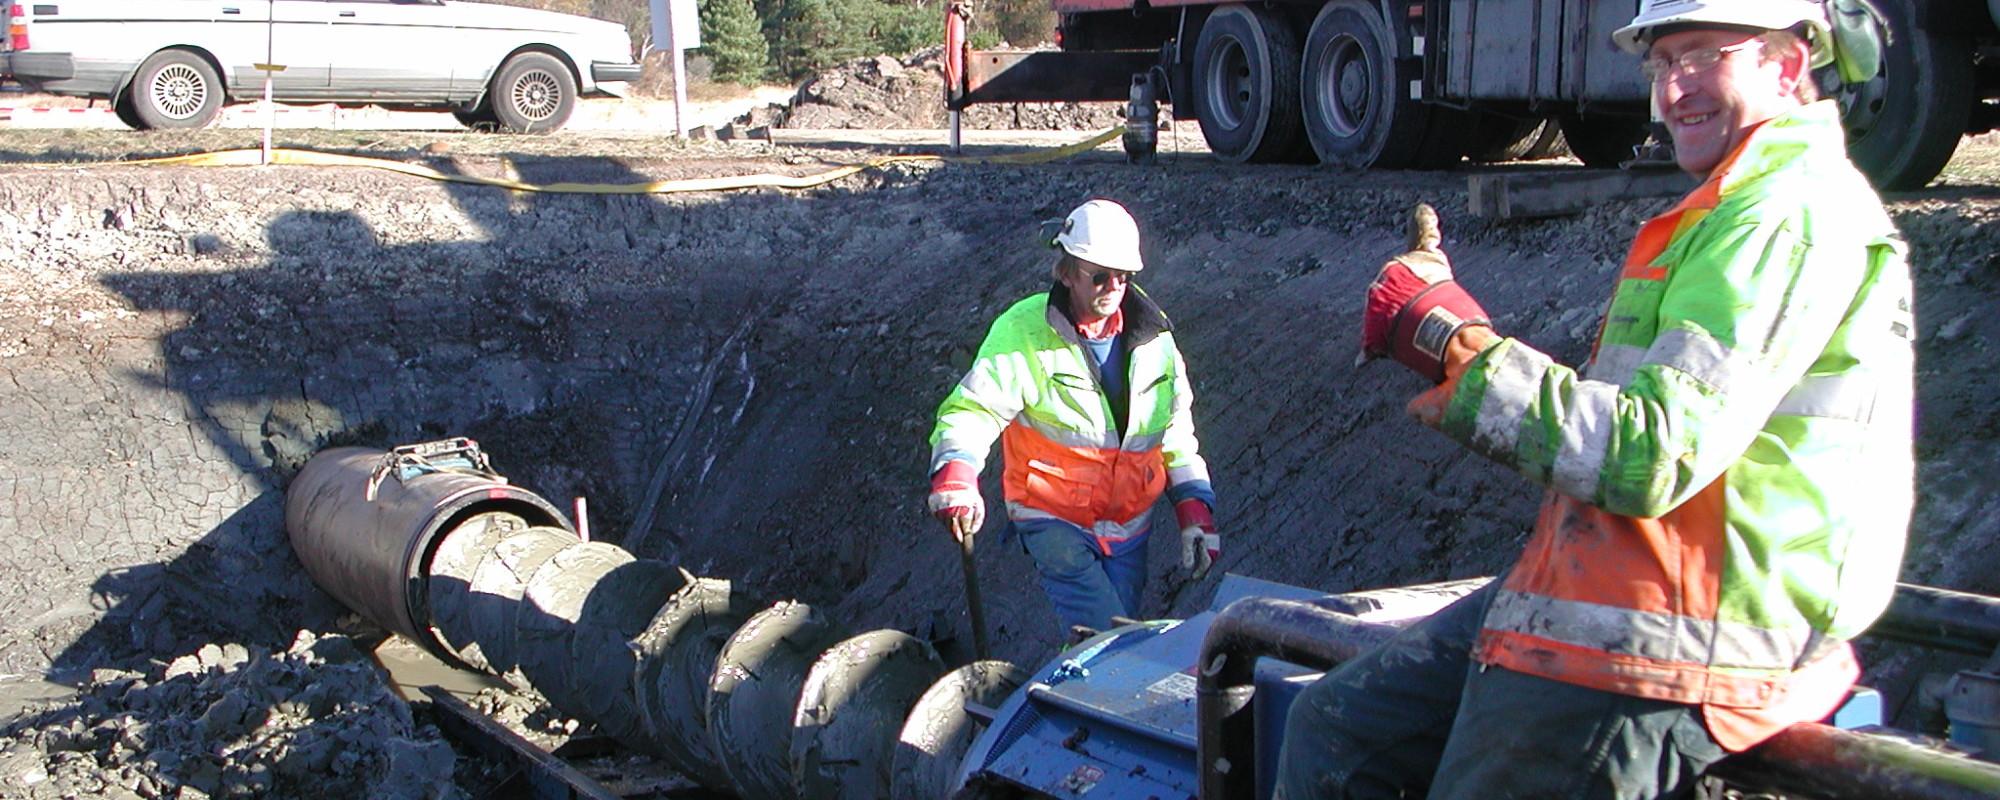 Augerborrning av skyddsrör för gasledning - Säve